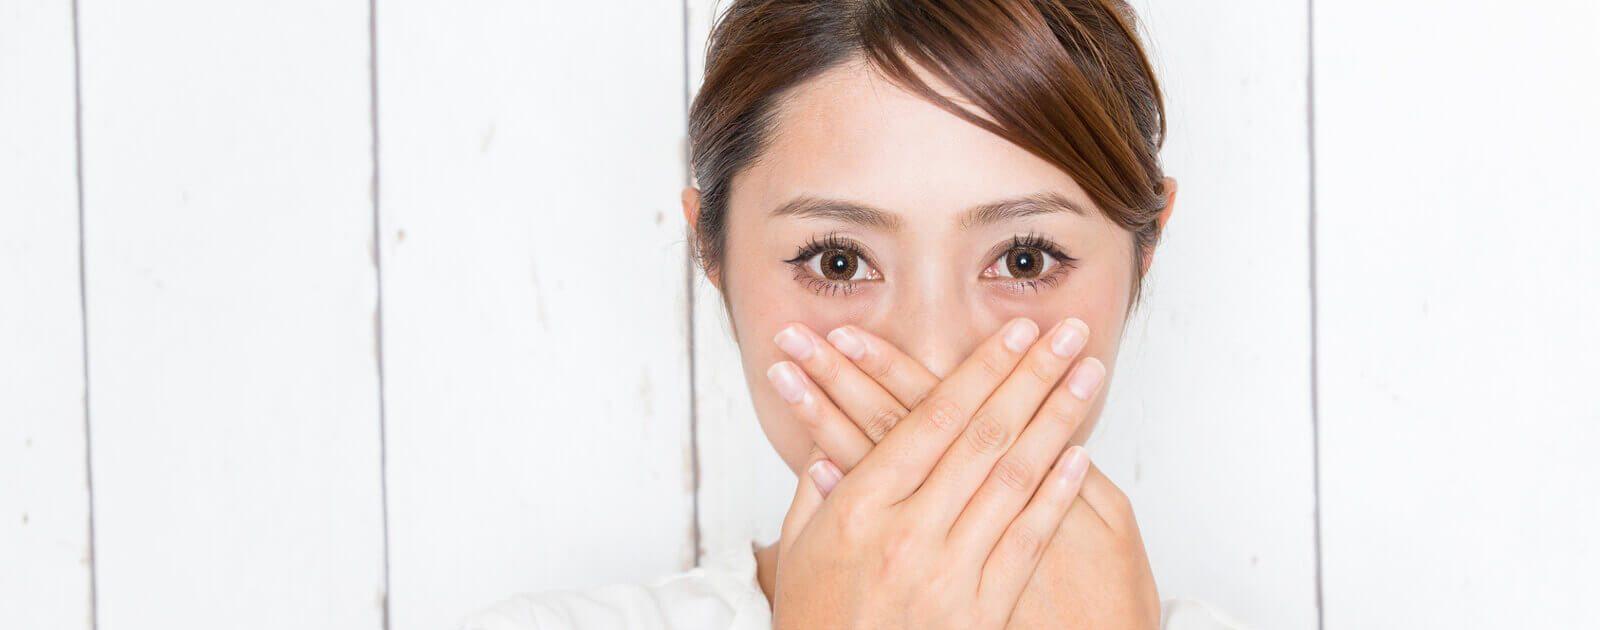 Frau mit Pickel in der Nase hält sich die Hand vor die Nase